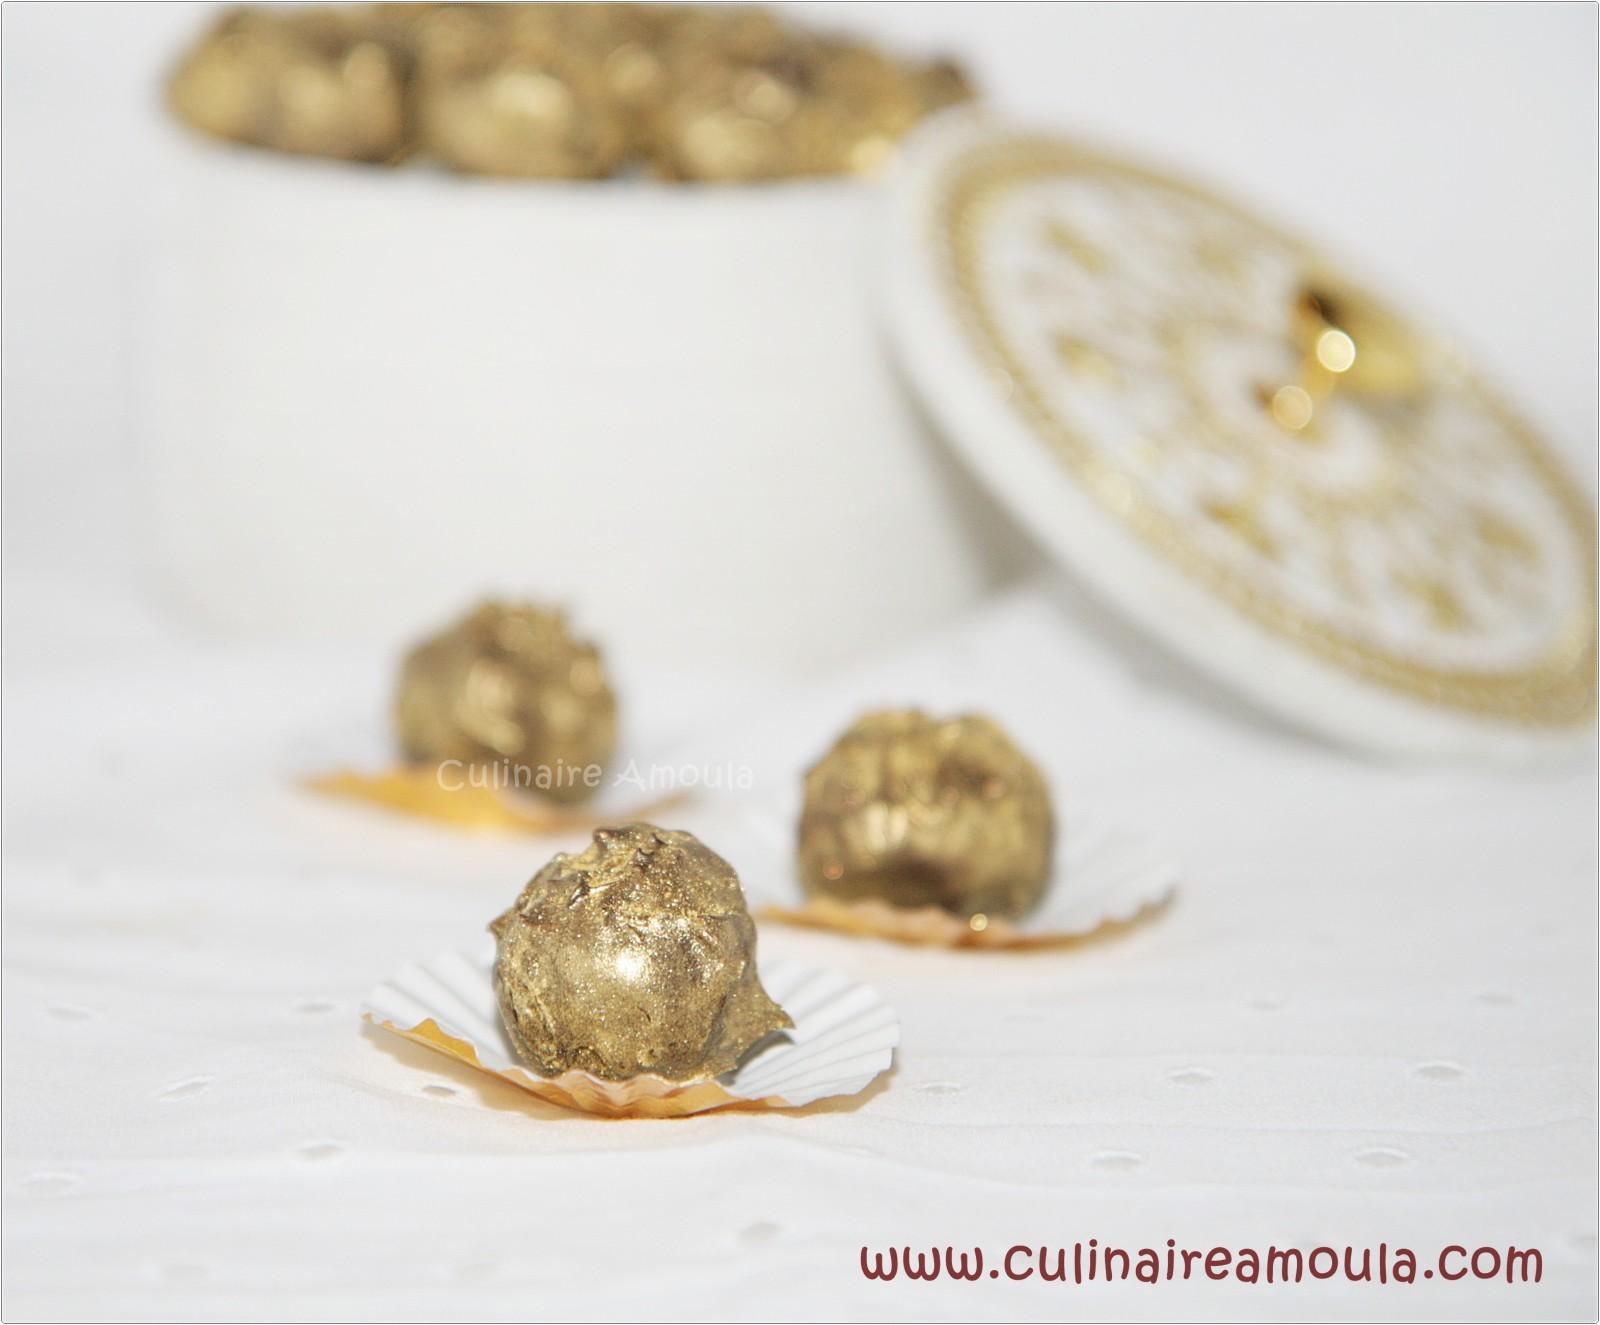 Truffes chocolat, caramel au beurre salé et ananas confits  http://www.culinaireamoula.com/article-truffes-chocolat-caramel-au-beurre-sale-et-ananas-confits-121263845.html